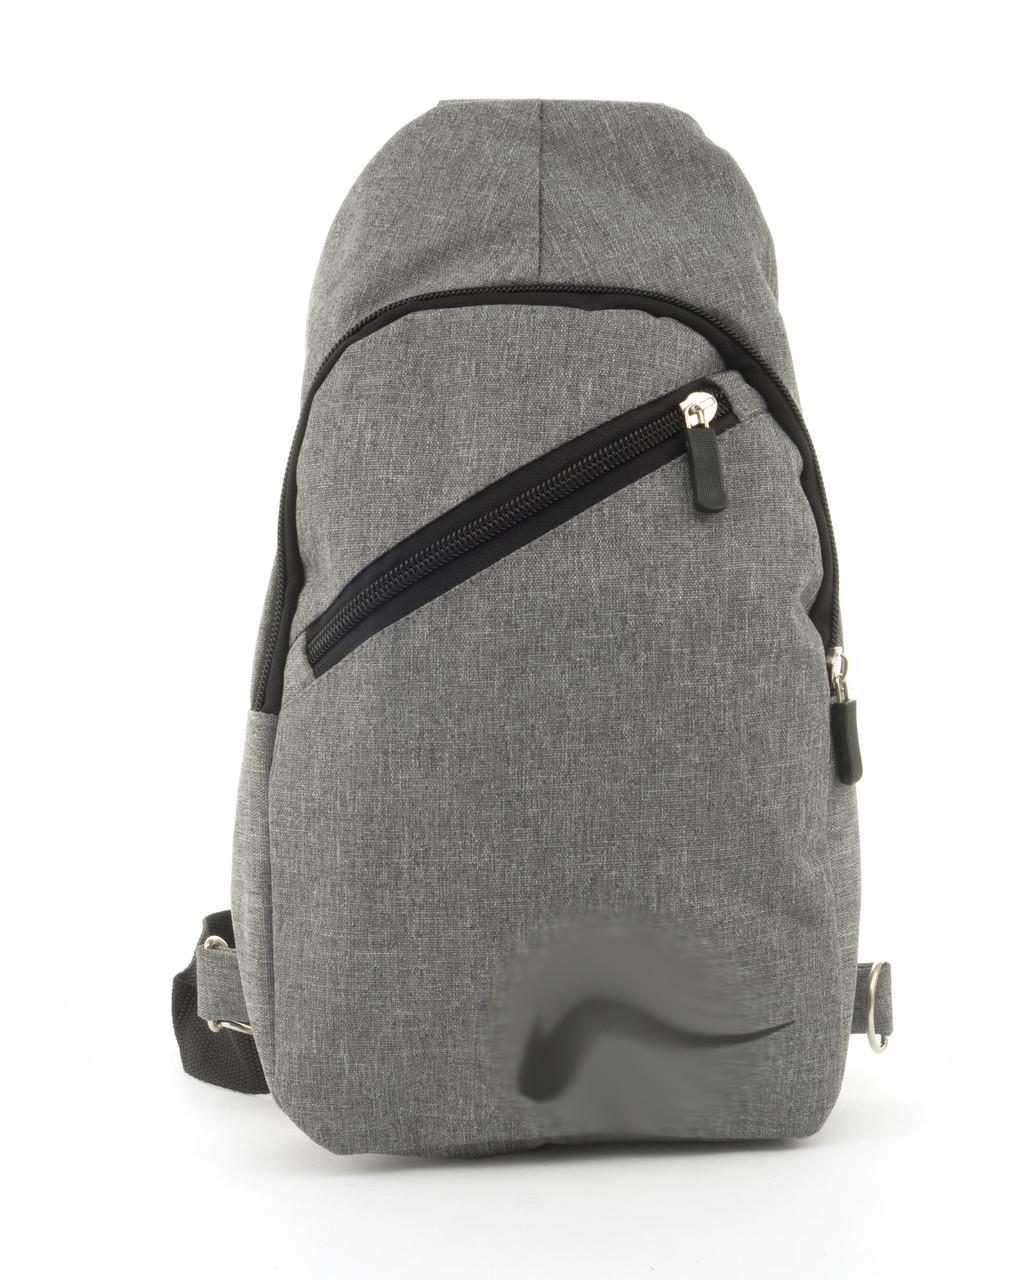 Прочный вместительный удобный  рюкзак на одну лямку НайкМэн art, 211 (102774) серый